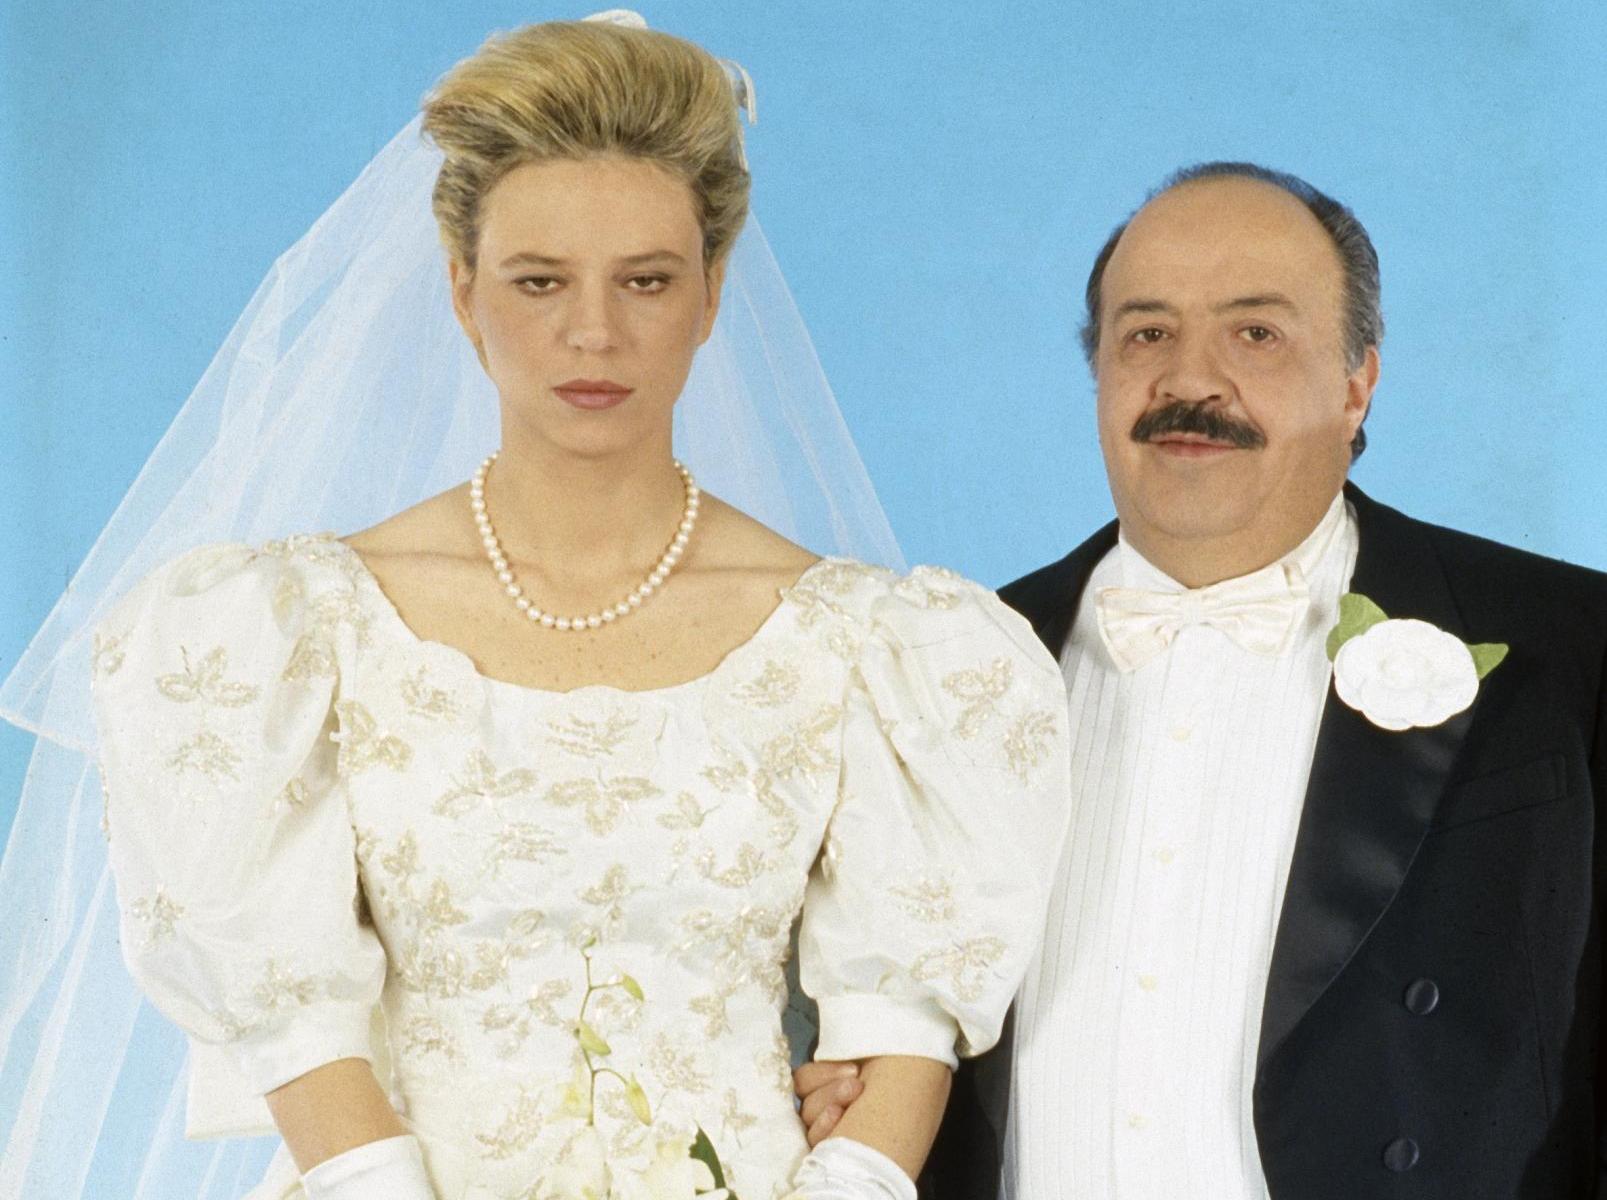 Matrimonio Civile Uomo : Vicenza boom del matrimonio civile ma ci si sposa meno